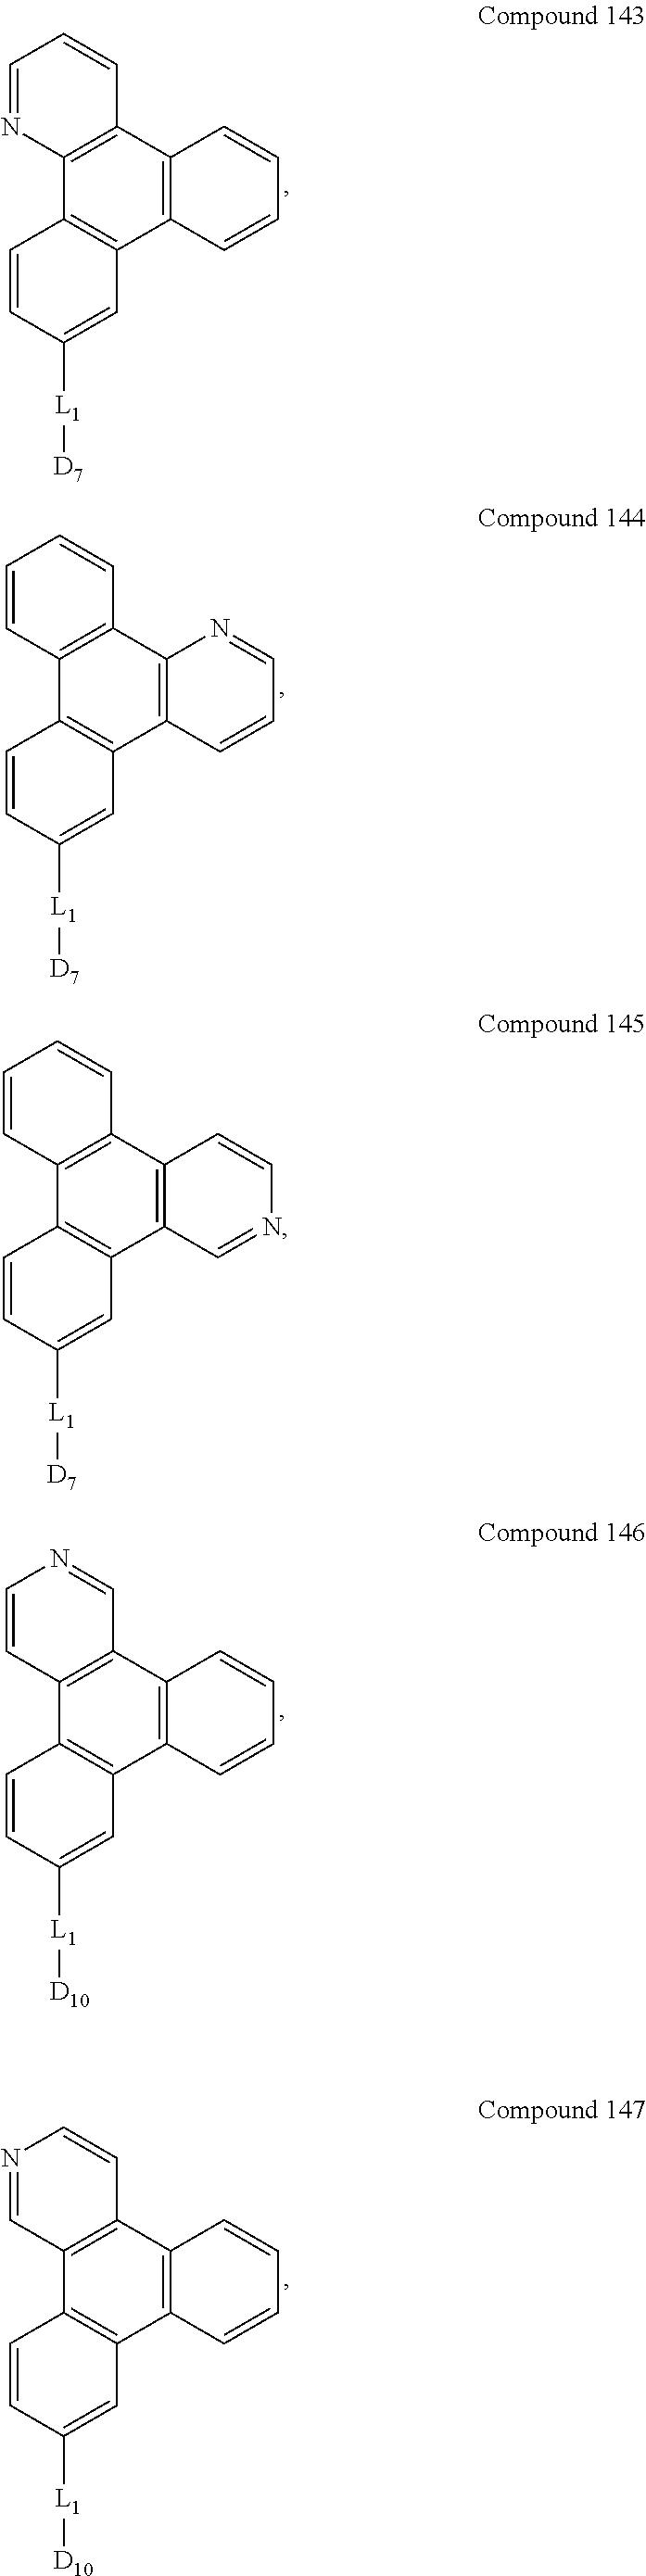 Figure US09537106-20170103-C00607